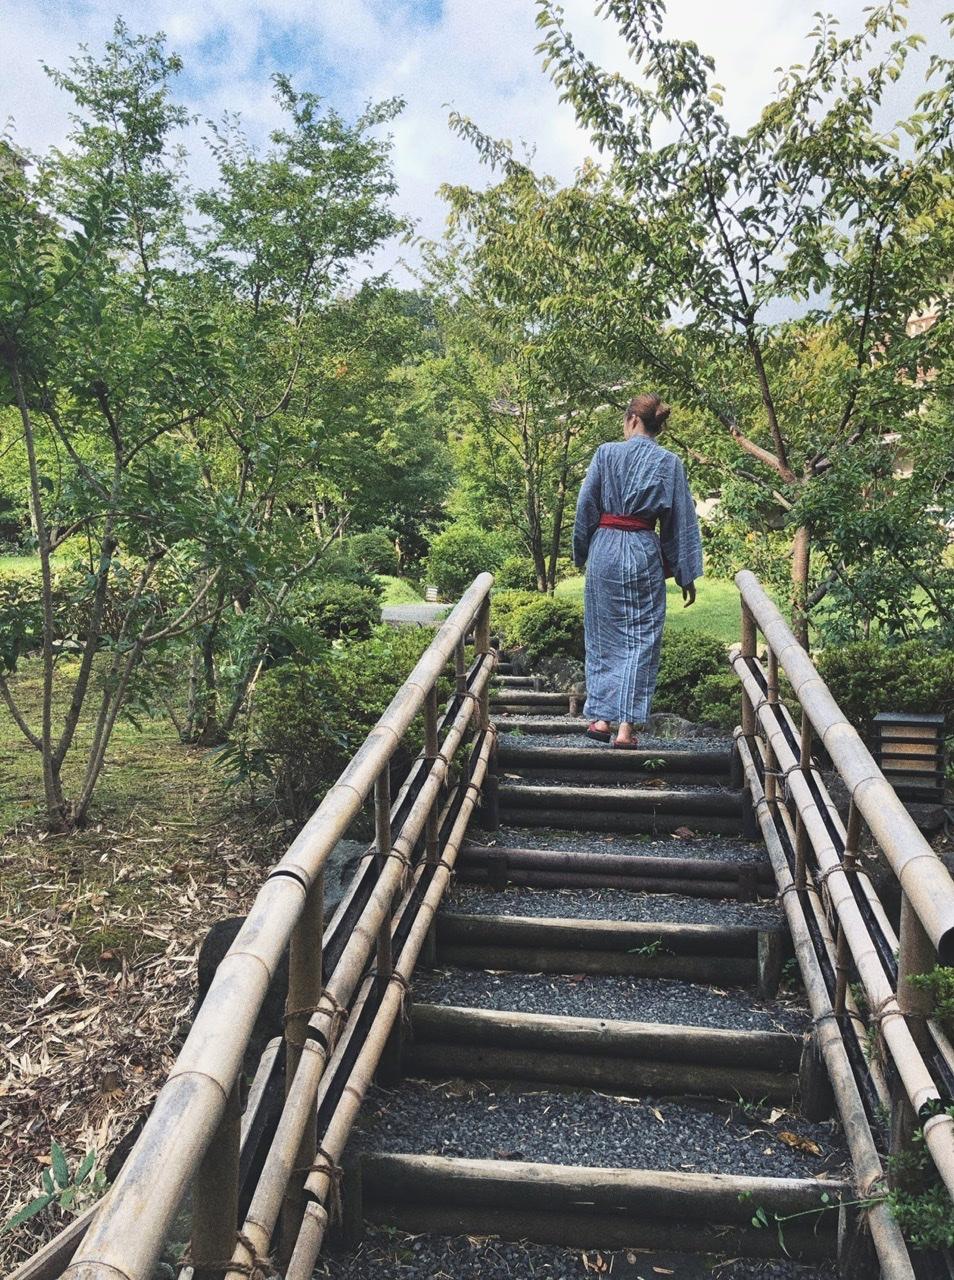 【女子旅におすすめ】わずか16部屋しかない伊豆の湯宿・玉翠のプライベート空間で満喫_3